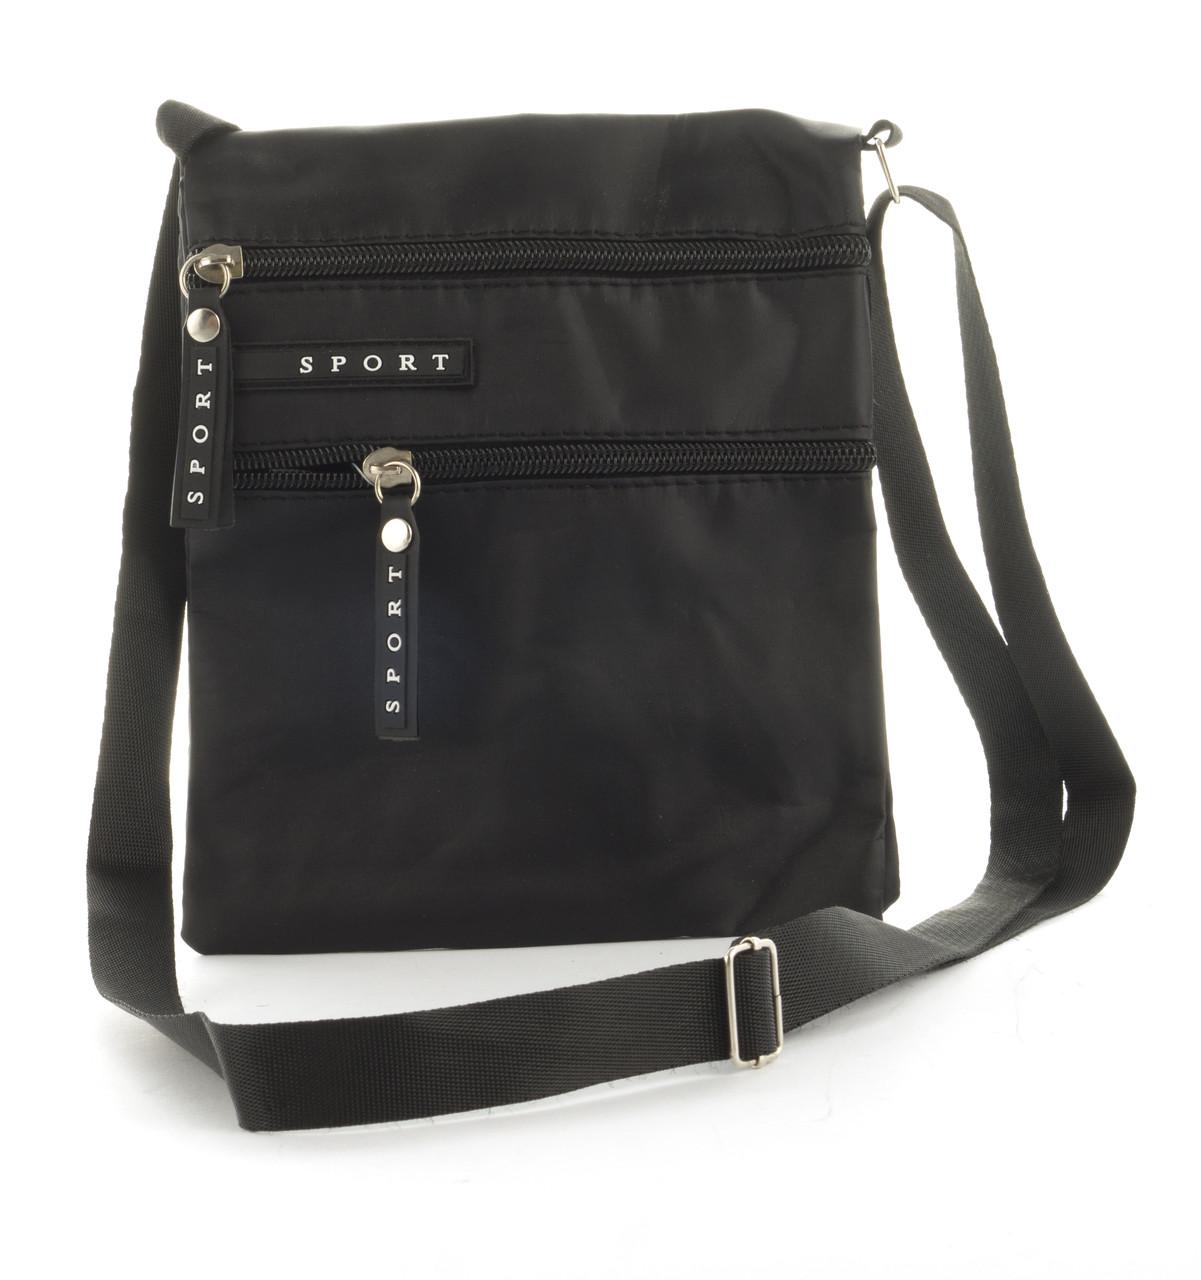 Удобная тонкая наплечная мужская сумка с очень прочного материала почтальонка  art. Sp695 (103262) черная